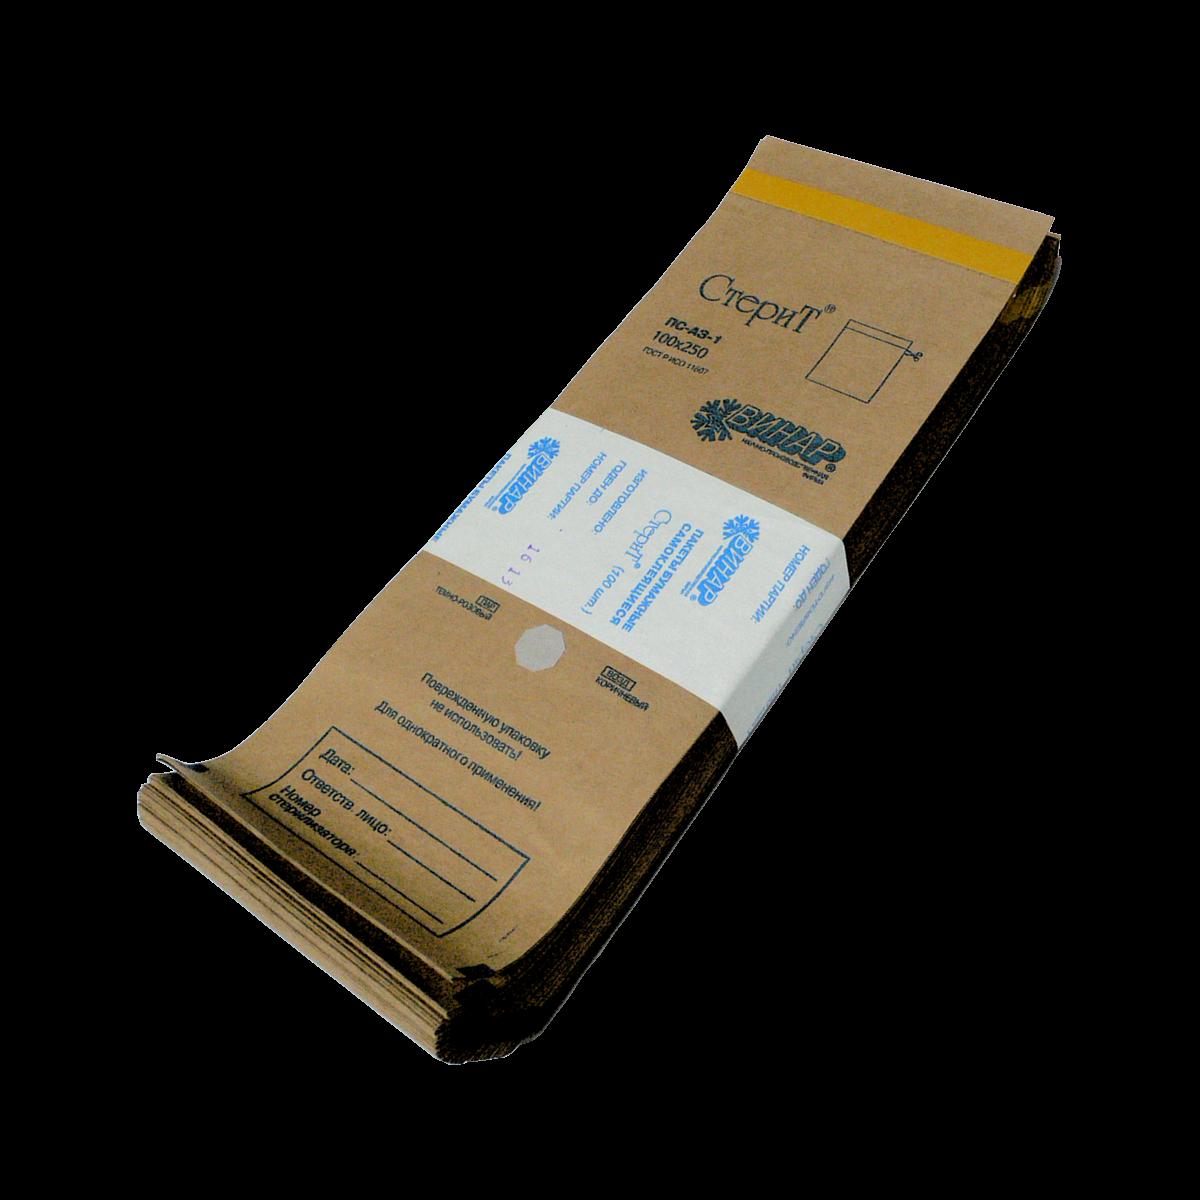 Крафт-пакеты 250х320, самоклеящиеся с индикатором для паровой и газовой стерилизации (Сухожар) (5,95 руб/шт)